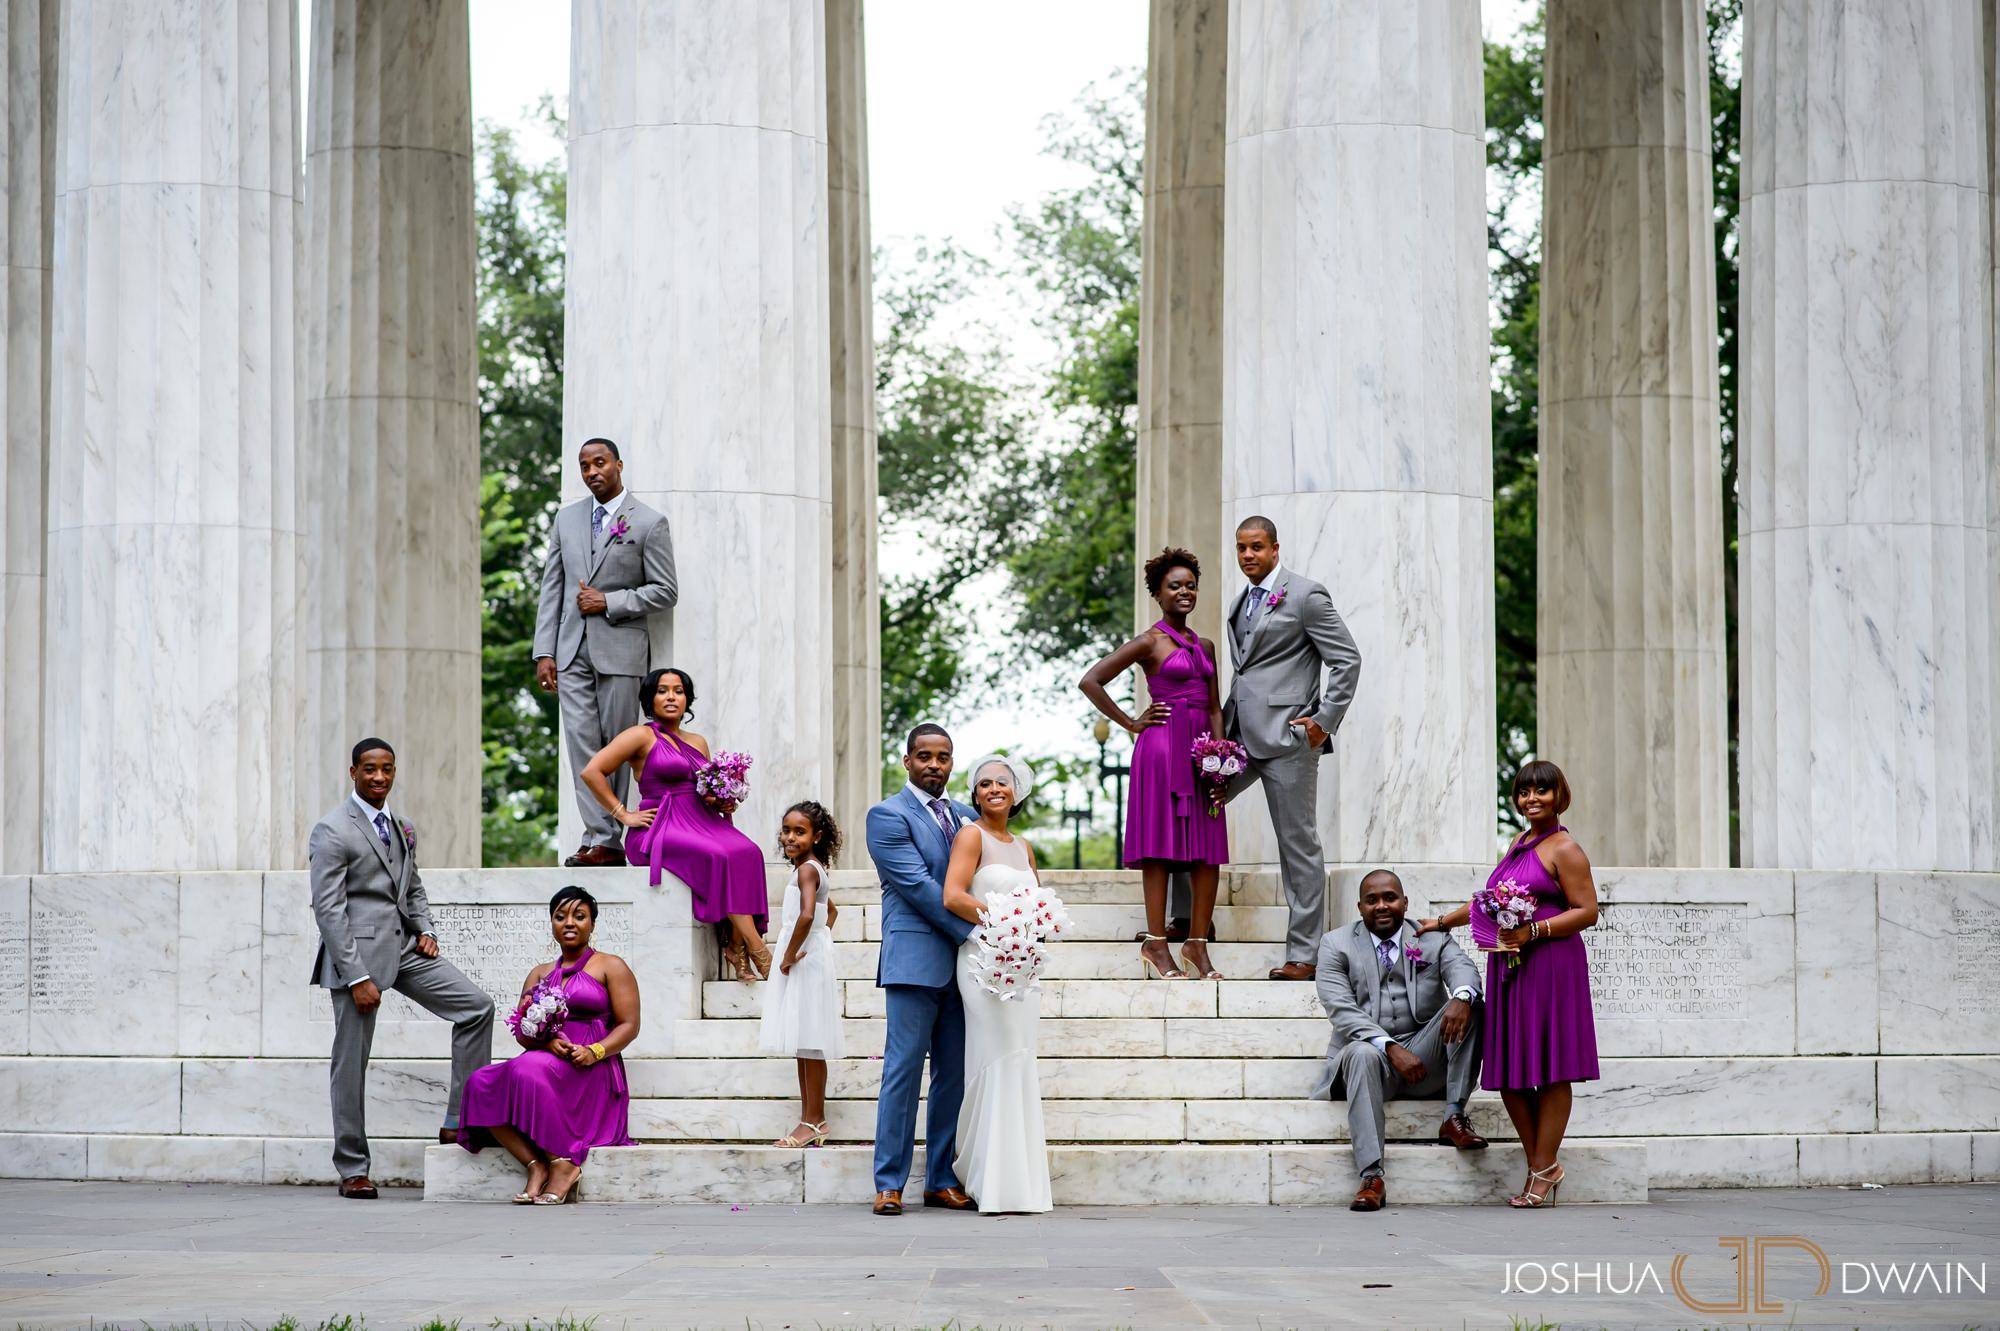 monique-lloyd-19-dc-war-memorial-washington-dc-wedding-joshua-dwain